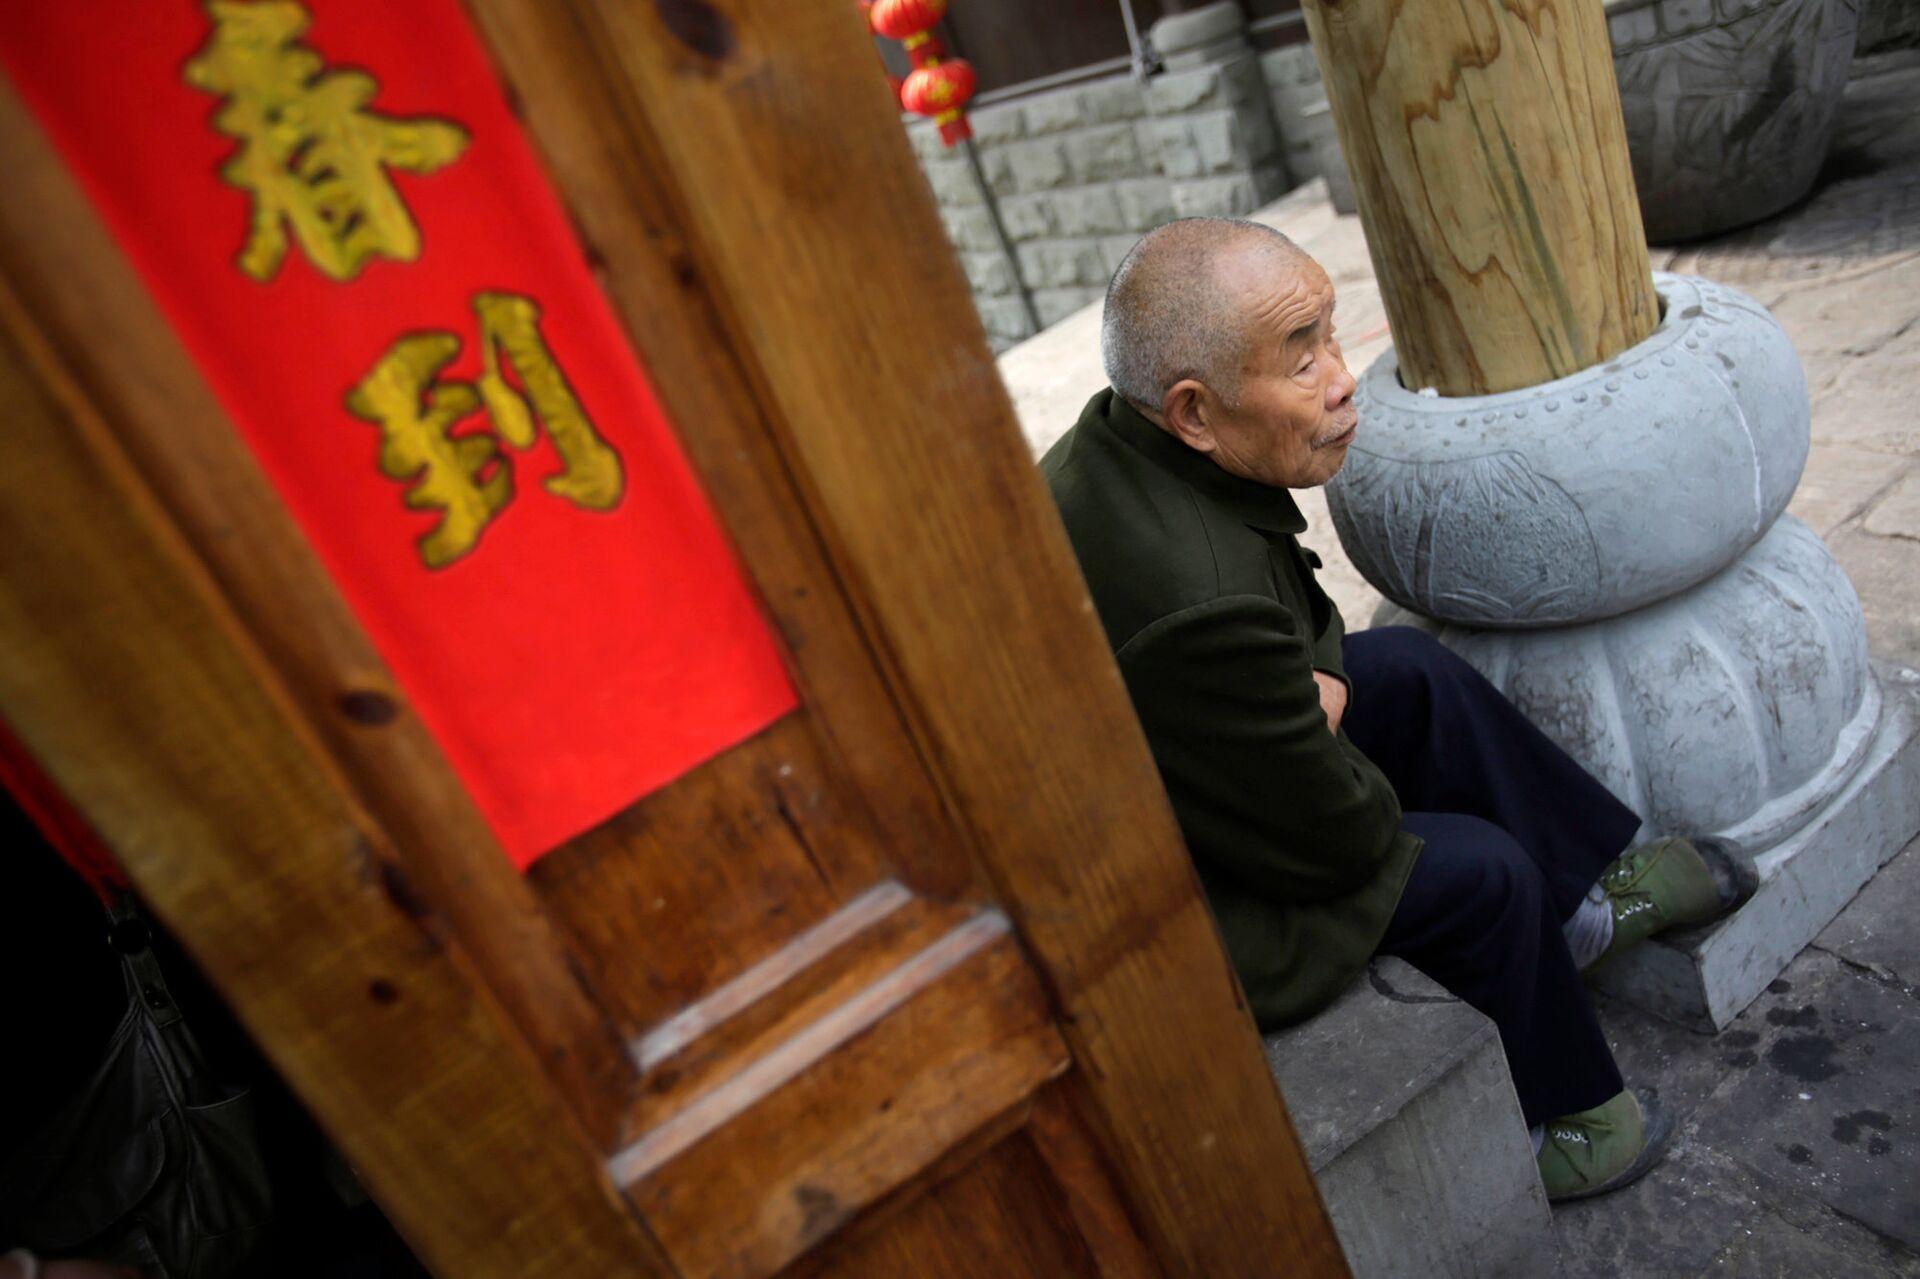 Пожилой мужчина в китайском городе Чунцин - РИА Новости, 1920, 14.12.2020